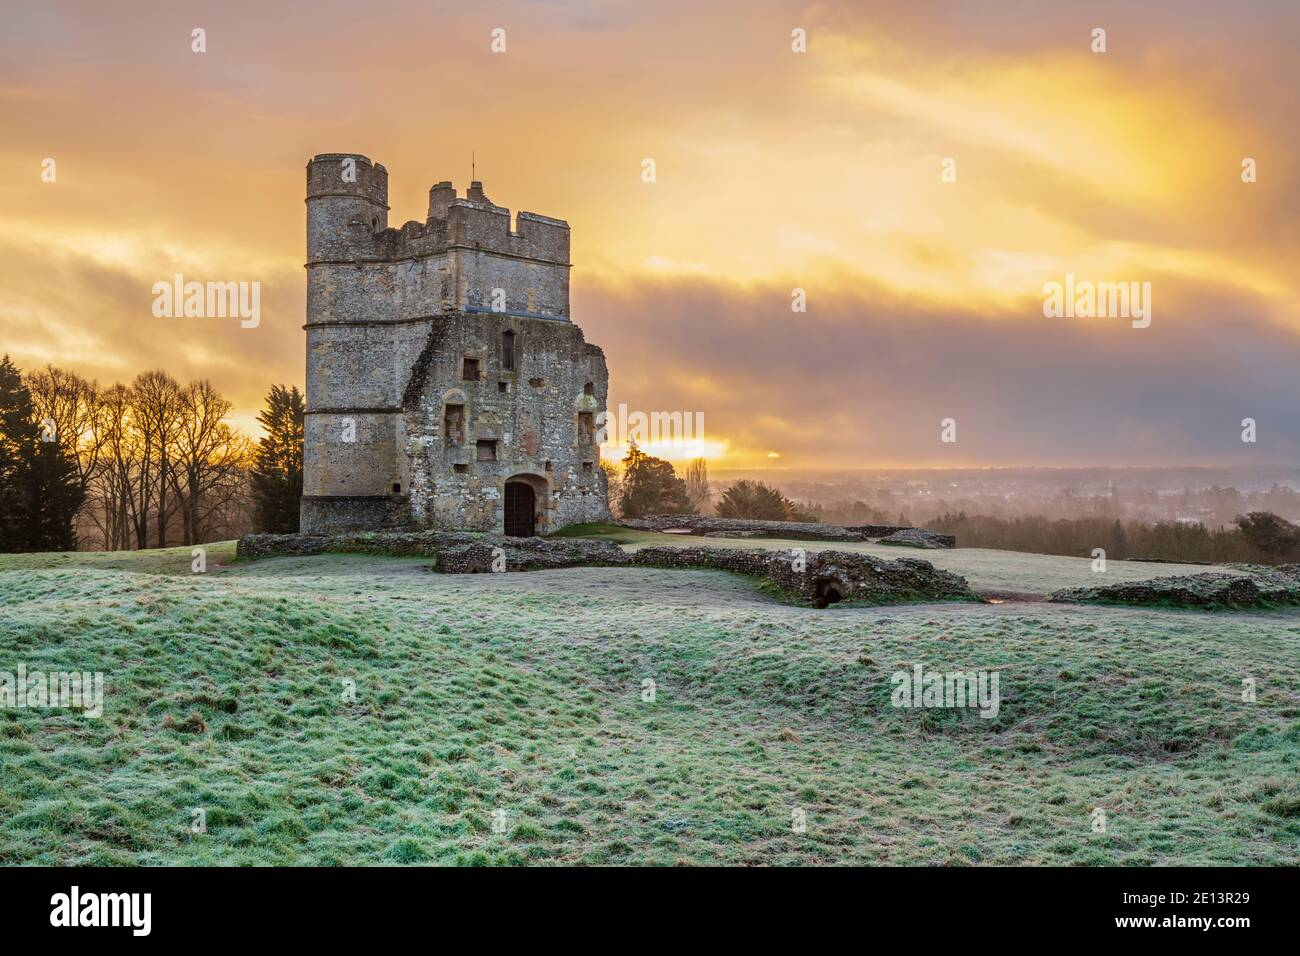 Castillo de Donnington en invierno heladas al amanecer, Newbury, Berkshire, Inglaterra, Reino Unido, Europa Foto de stock